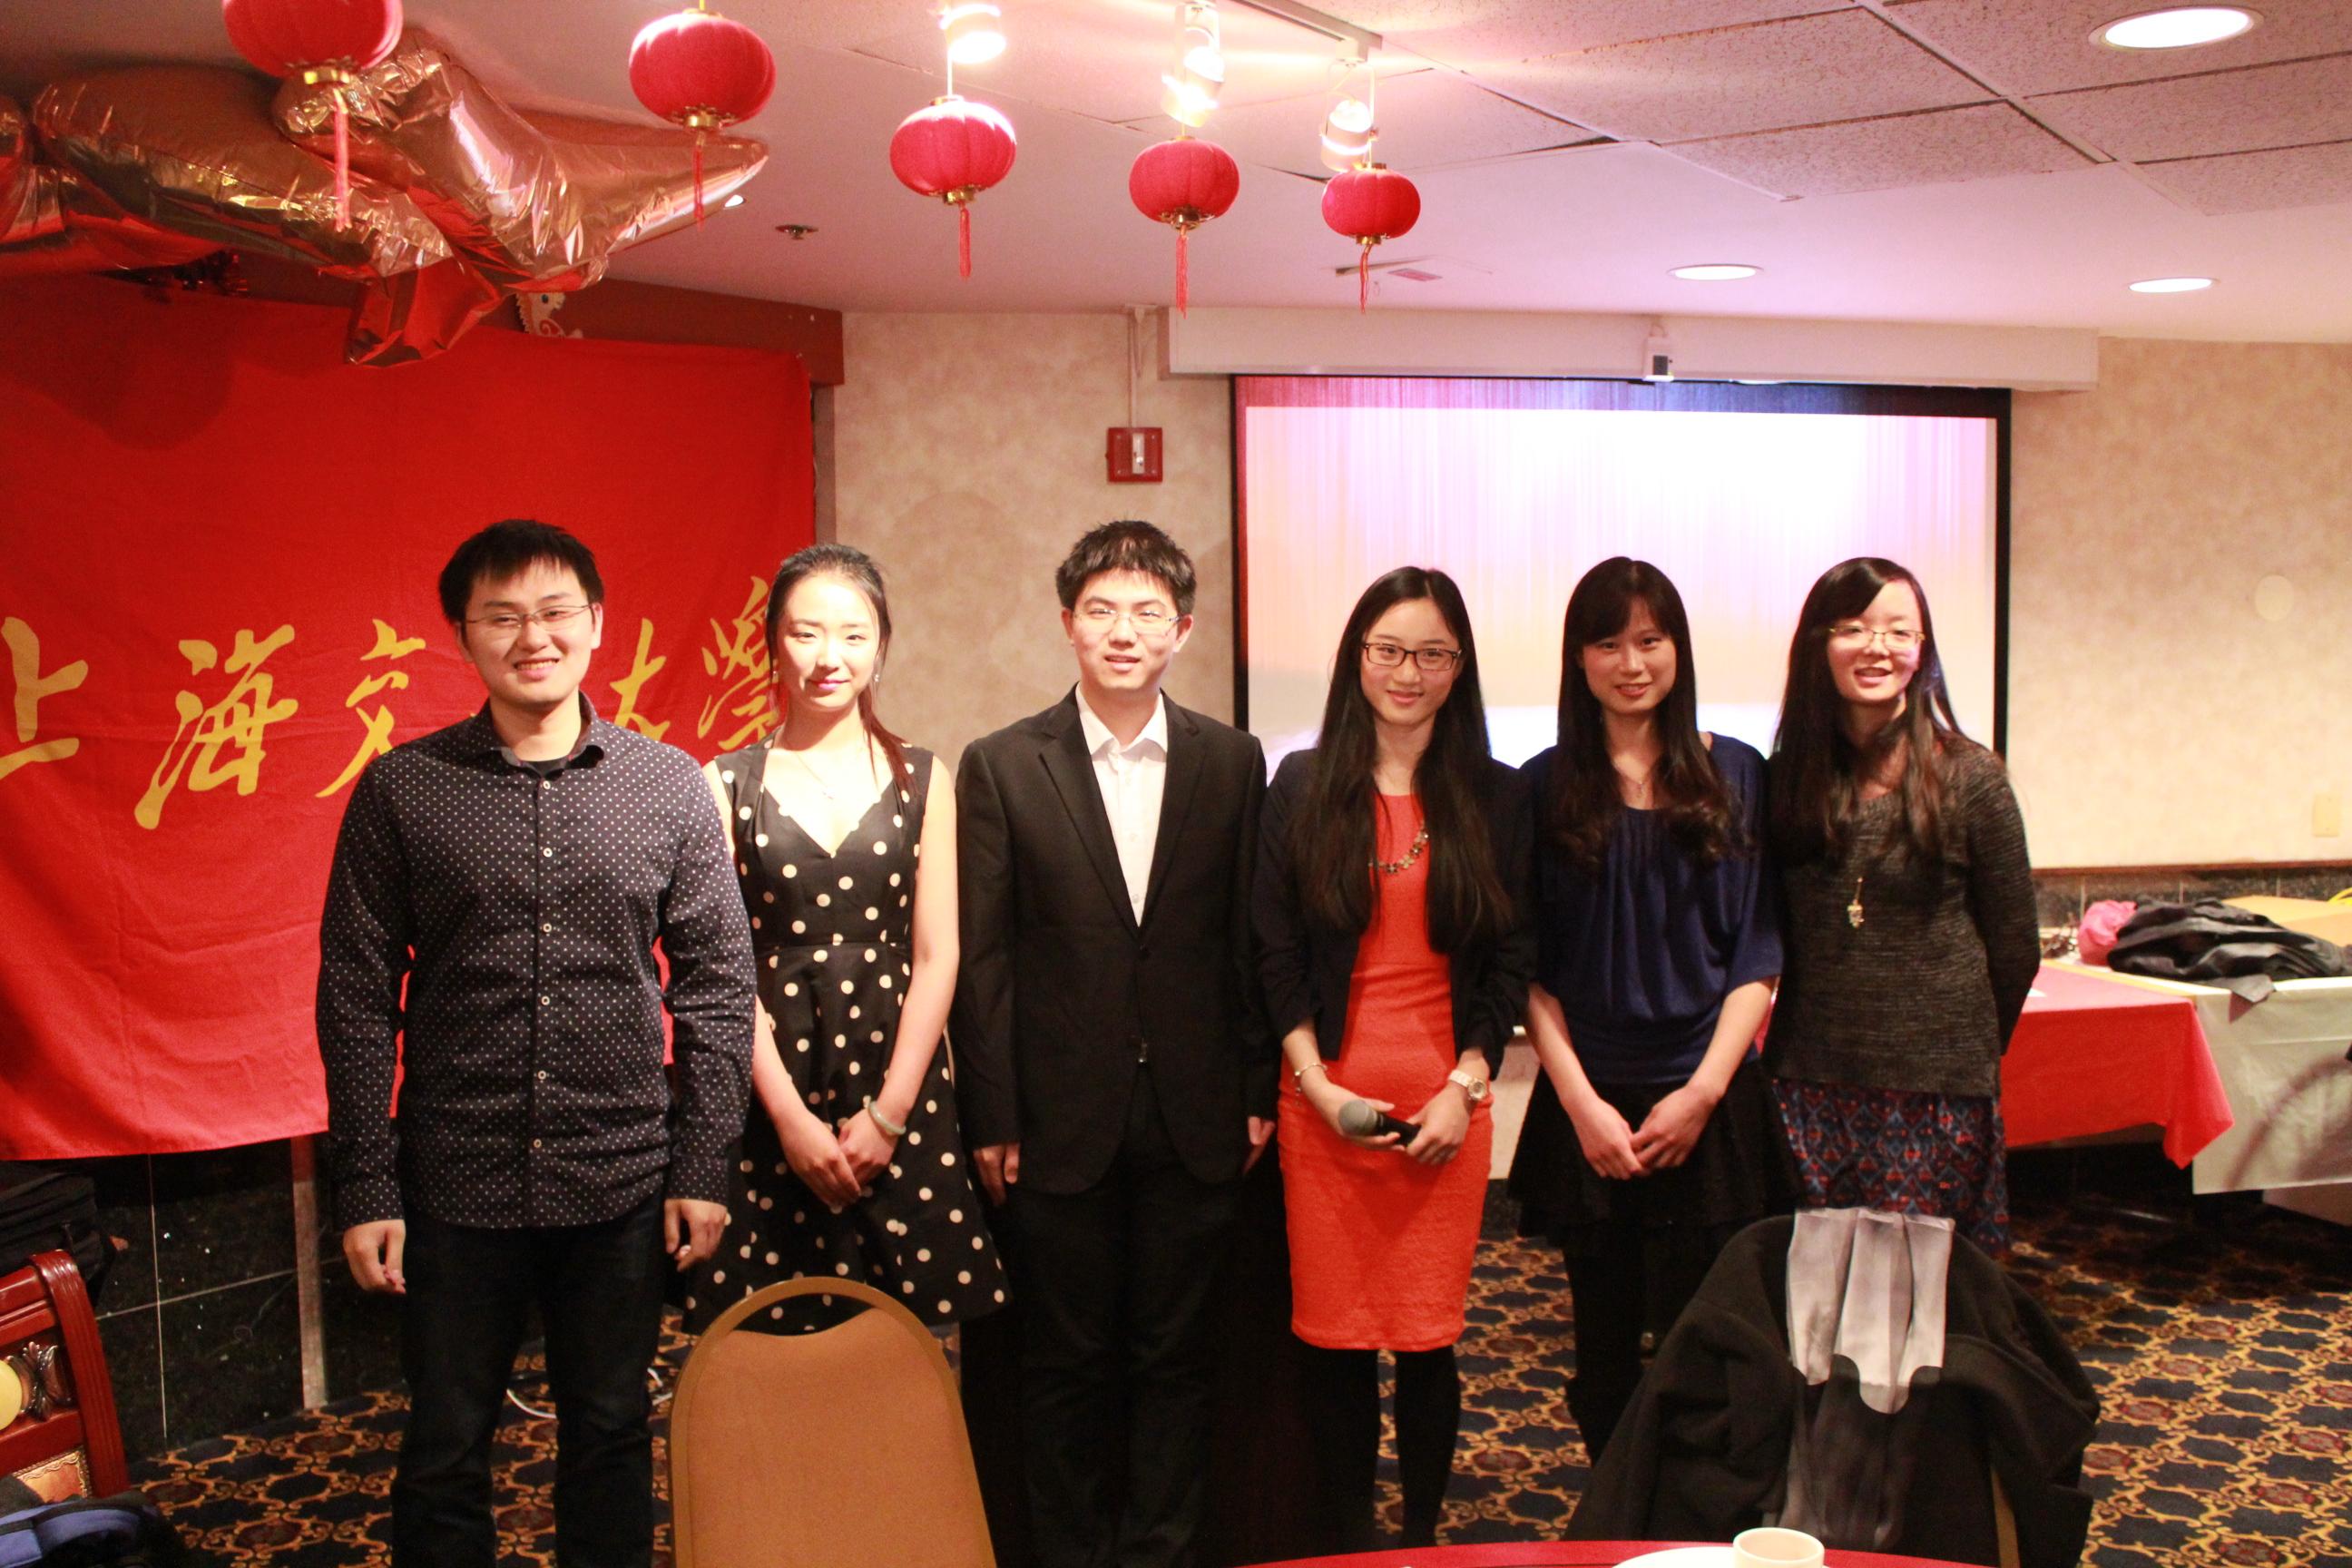 上海交大华盛顿校友会2015春节晚会热烈召开